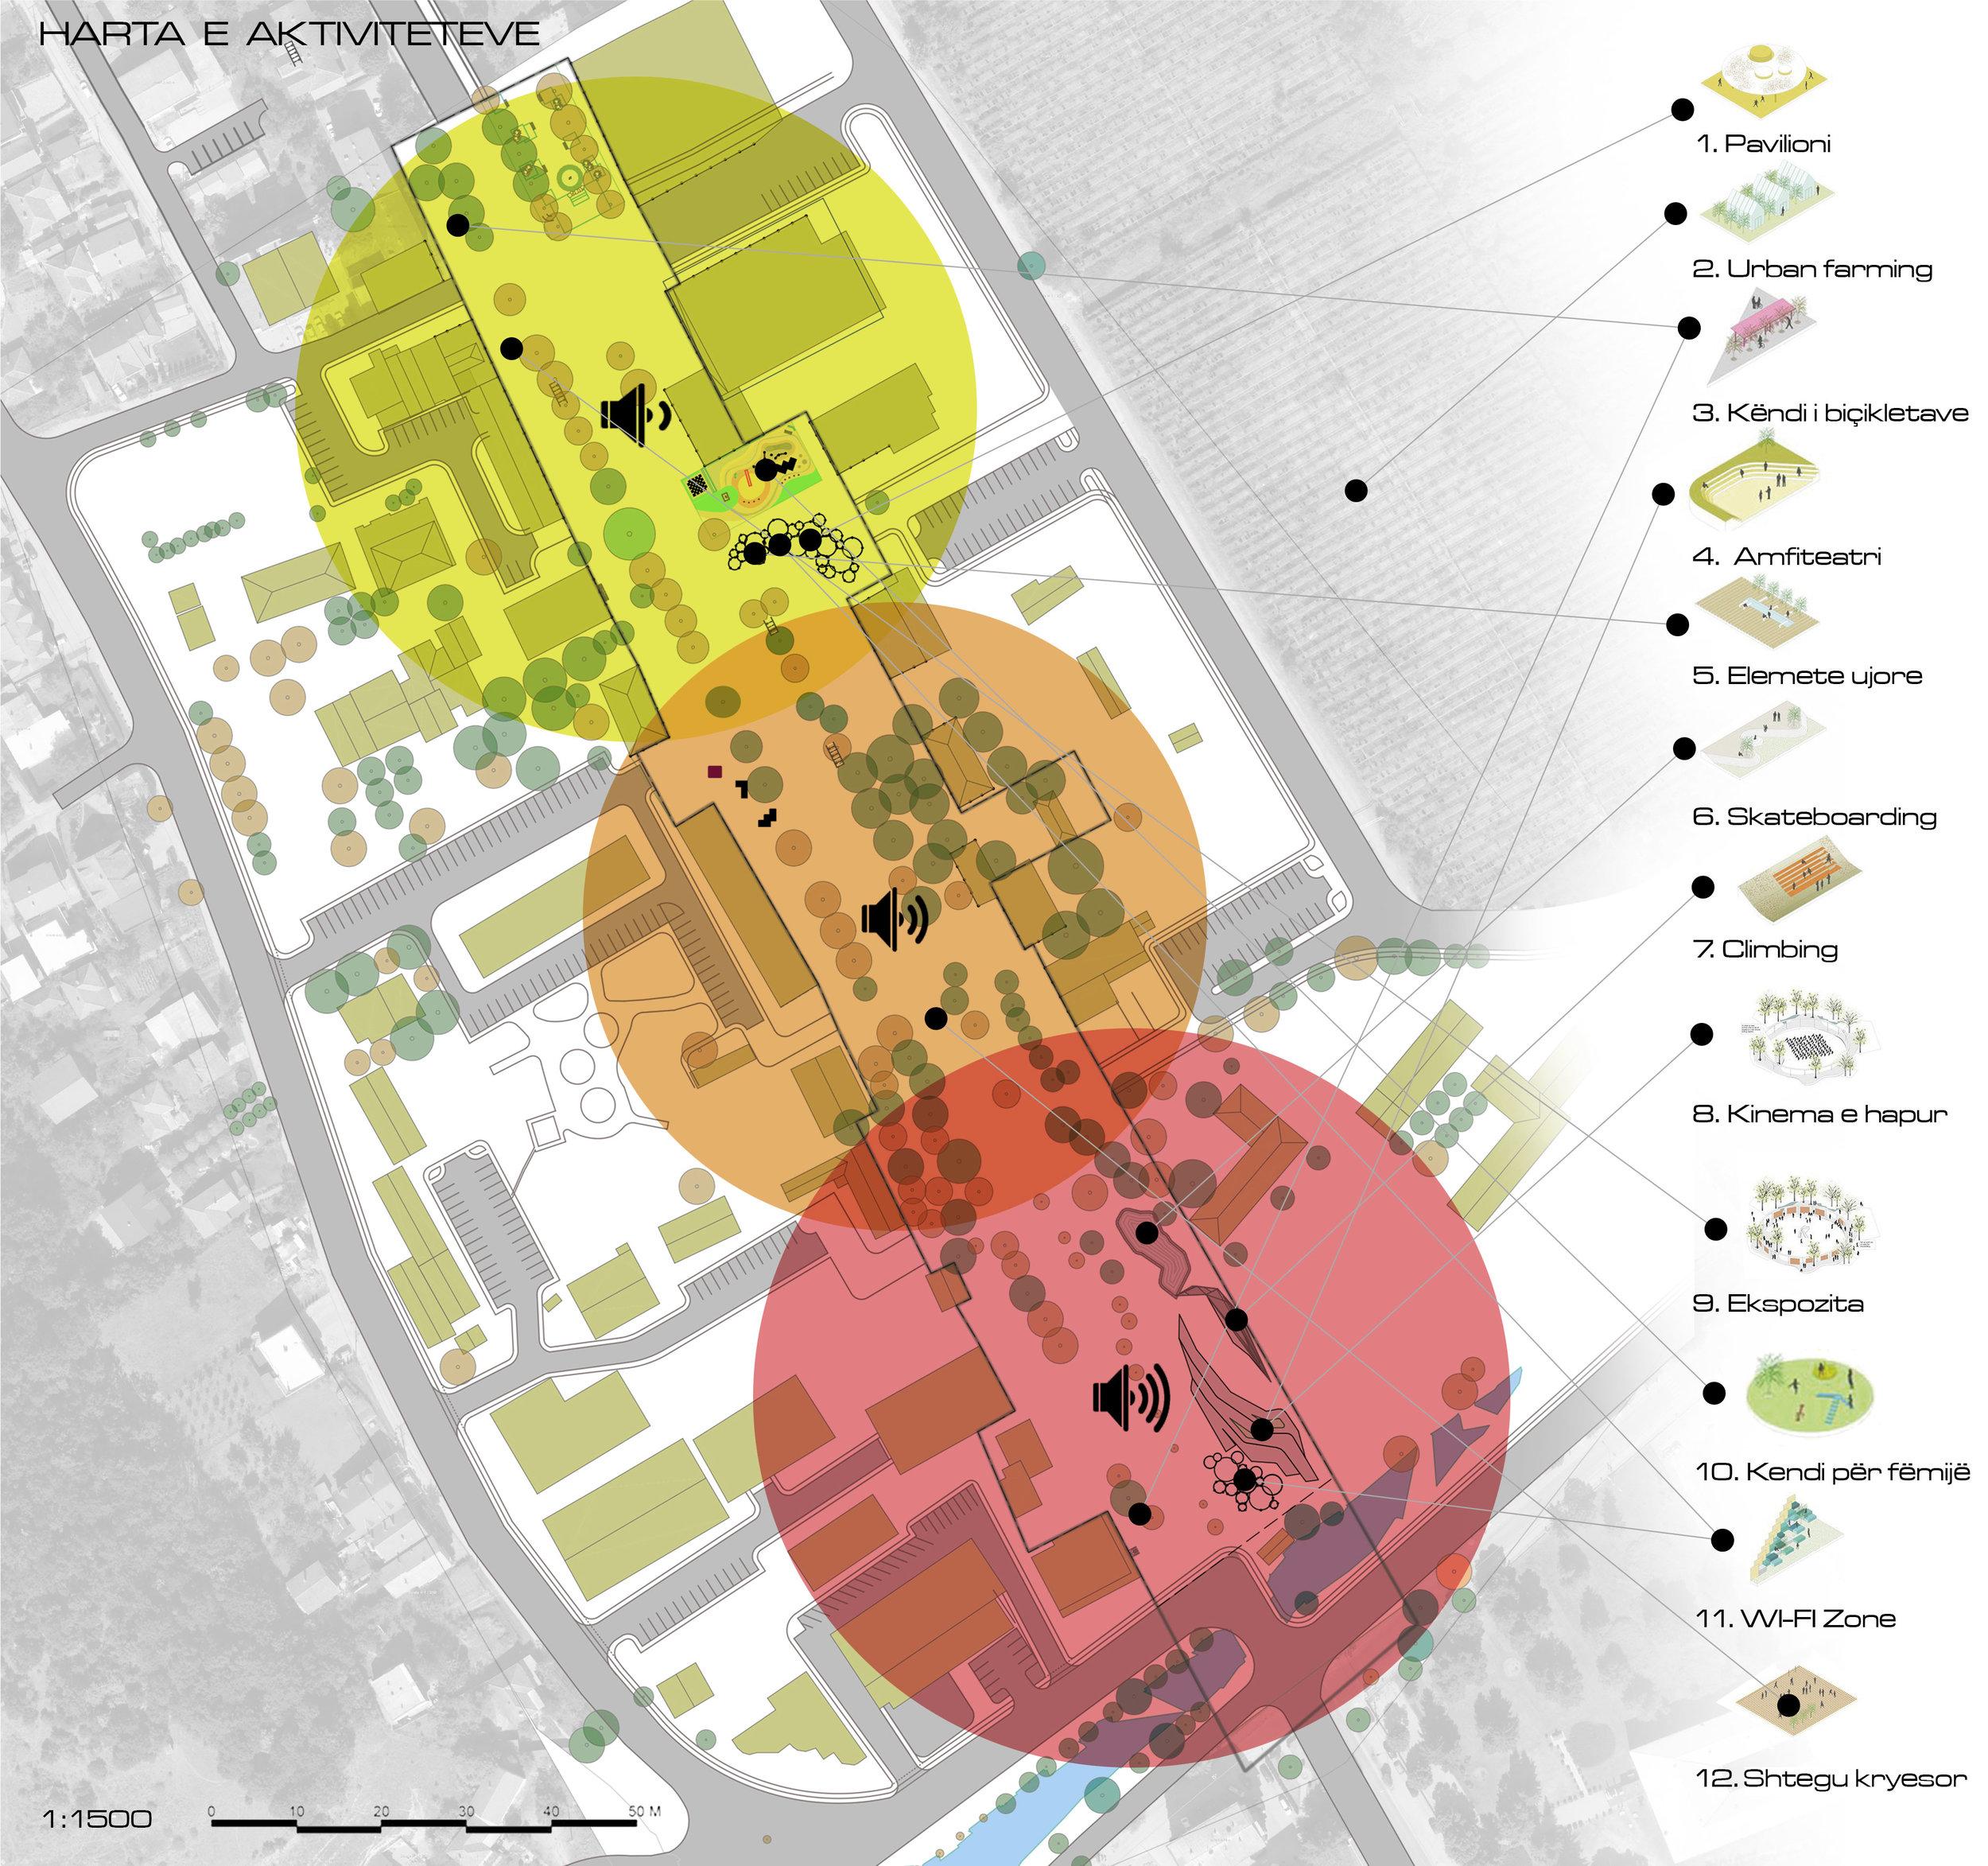 Harta e aktiviteteve në Bulevard